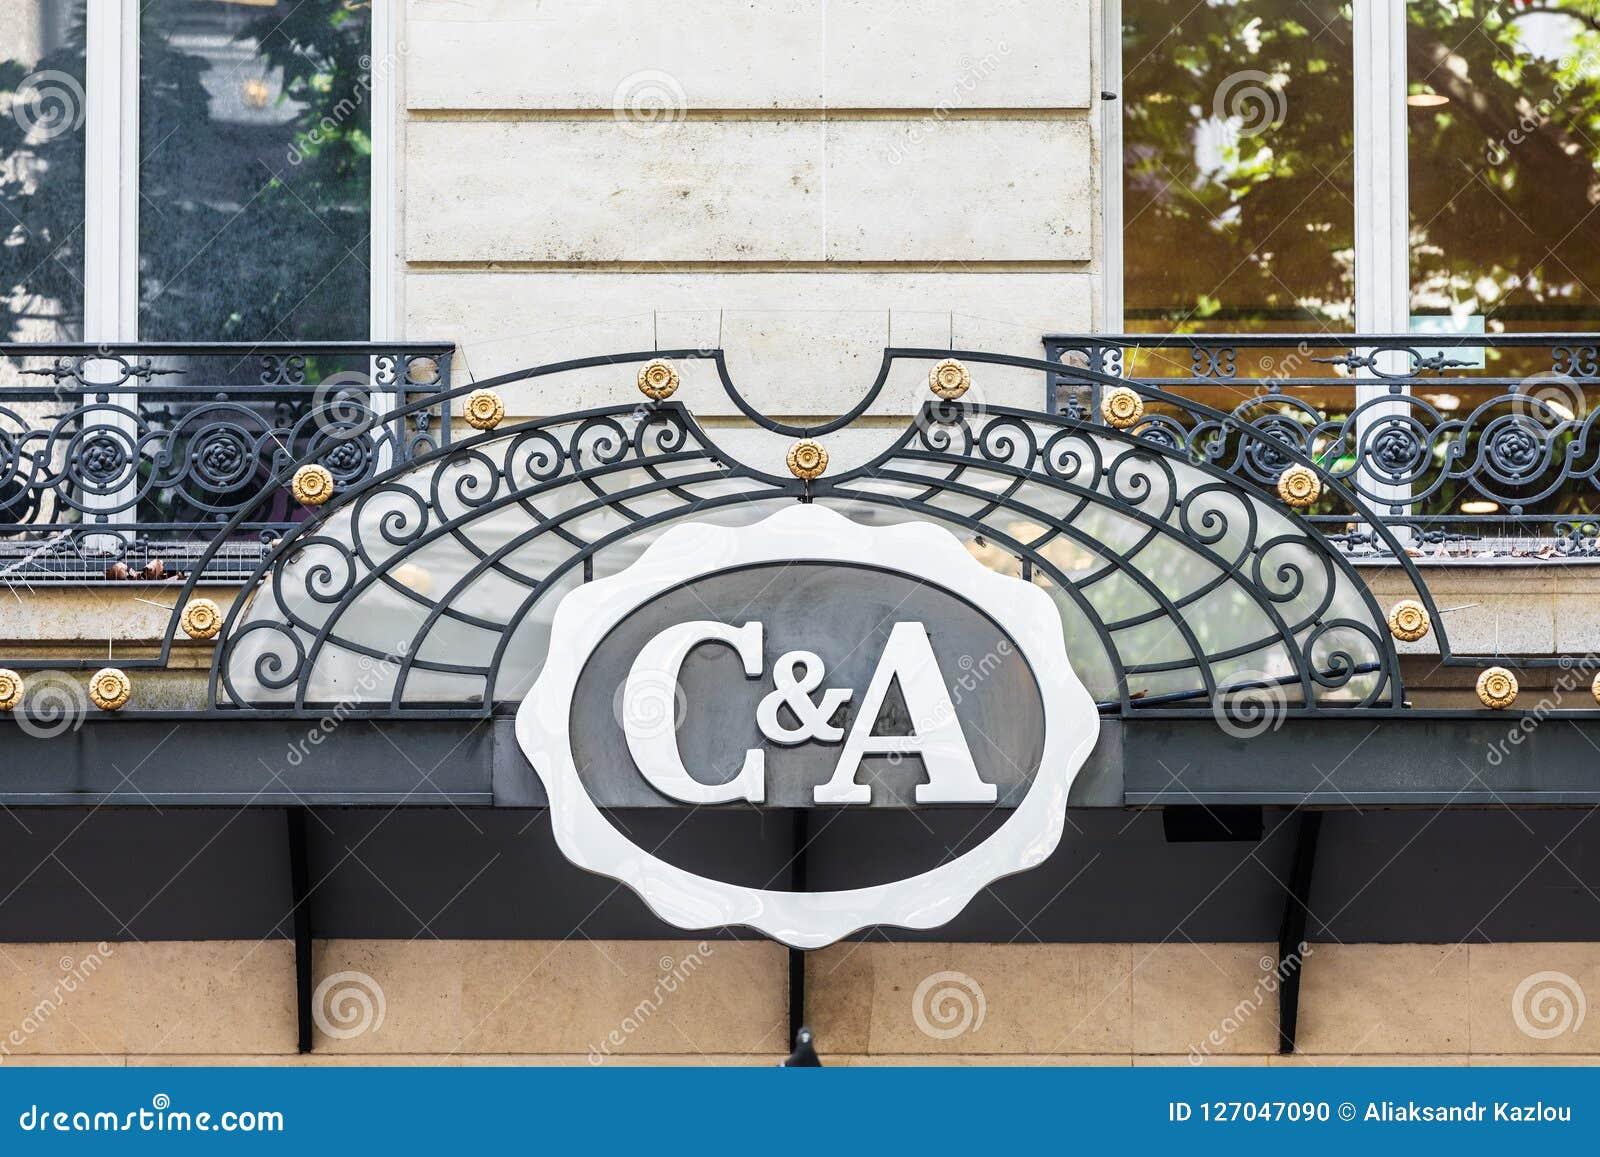 La Muestra Y Logotipo De C A Paris Francia Imagen Editorial Imagen De Branding Configuracion 127047090